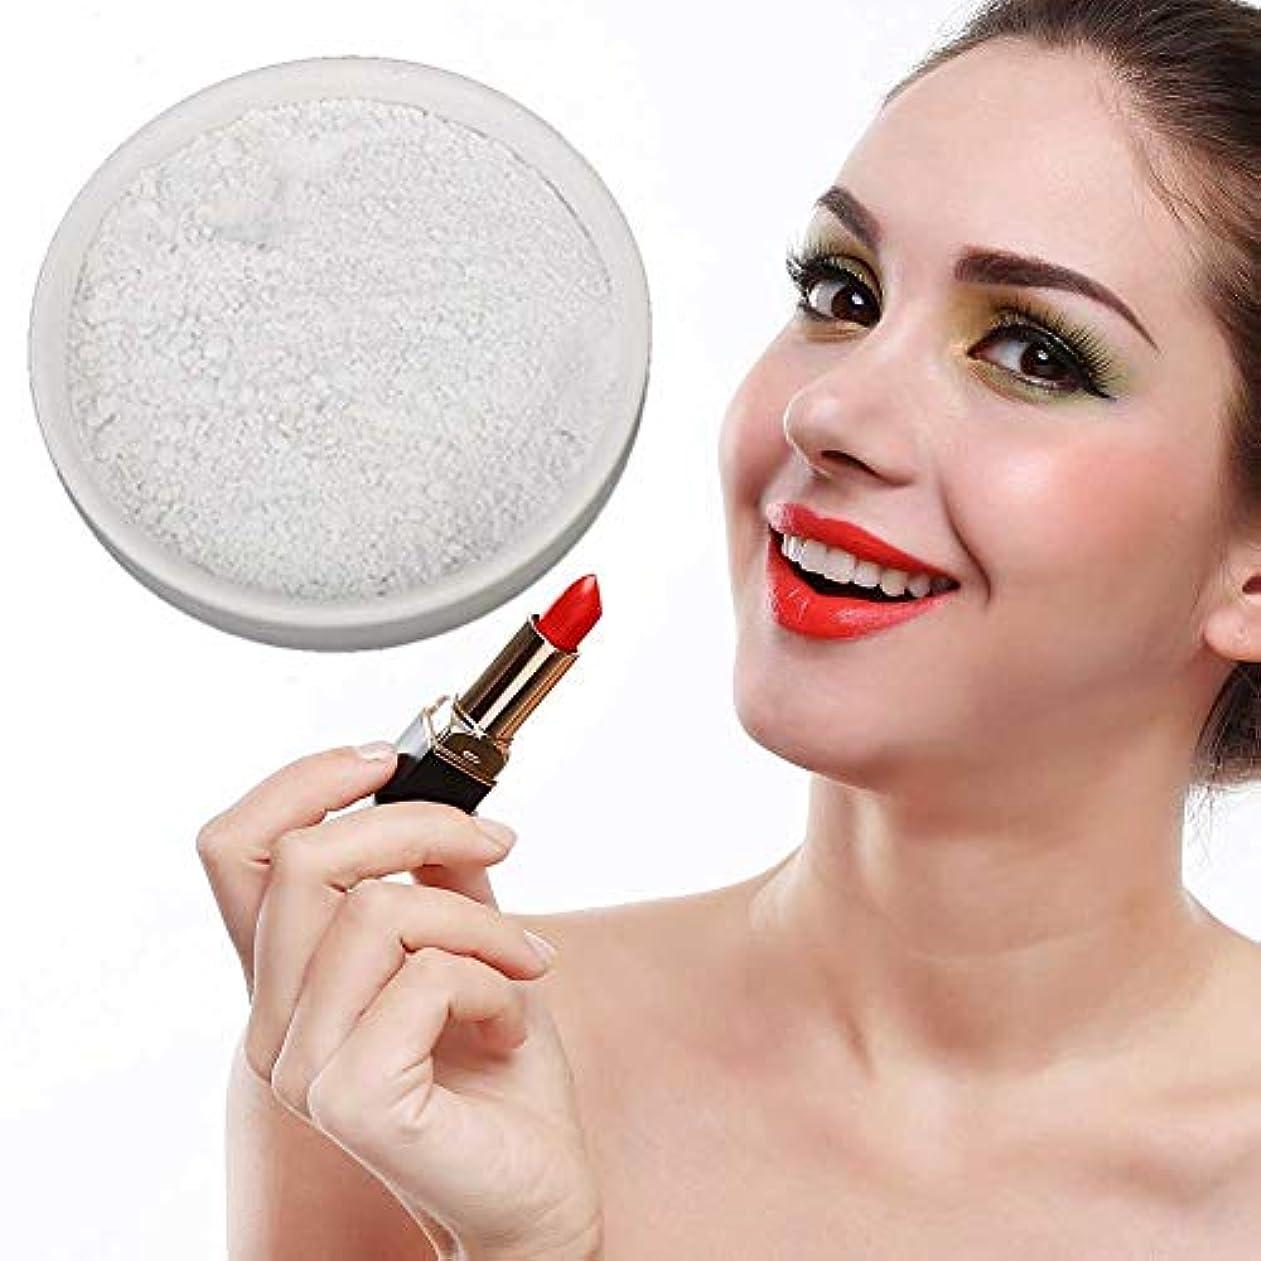 任命するインストール見積りマットアイシャドウパウダー口紅赤面用500 g化粧品DIY原料化粧DIY素材